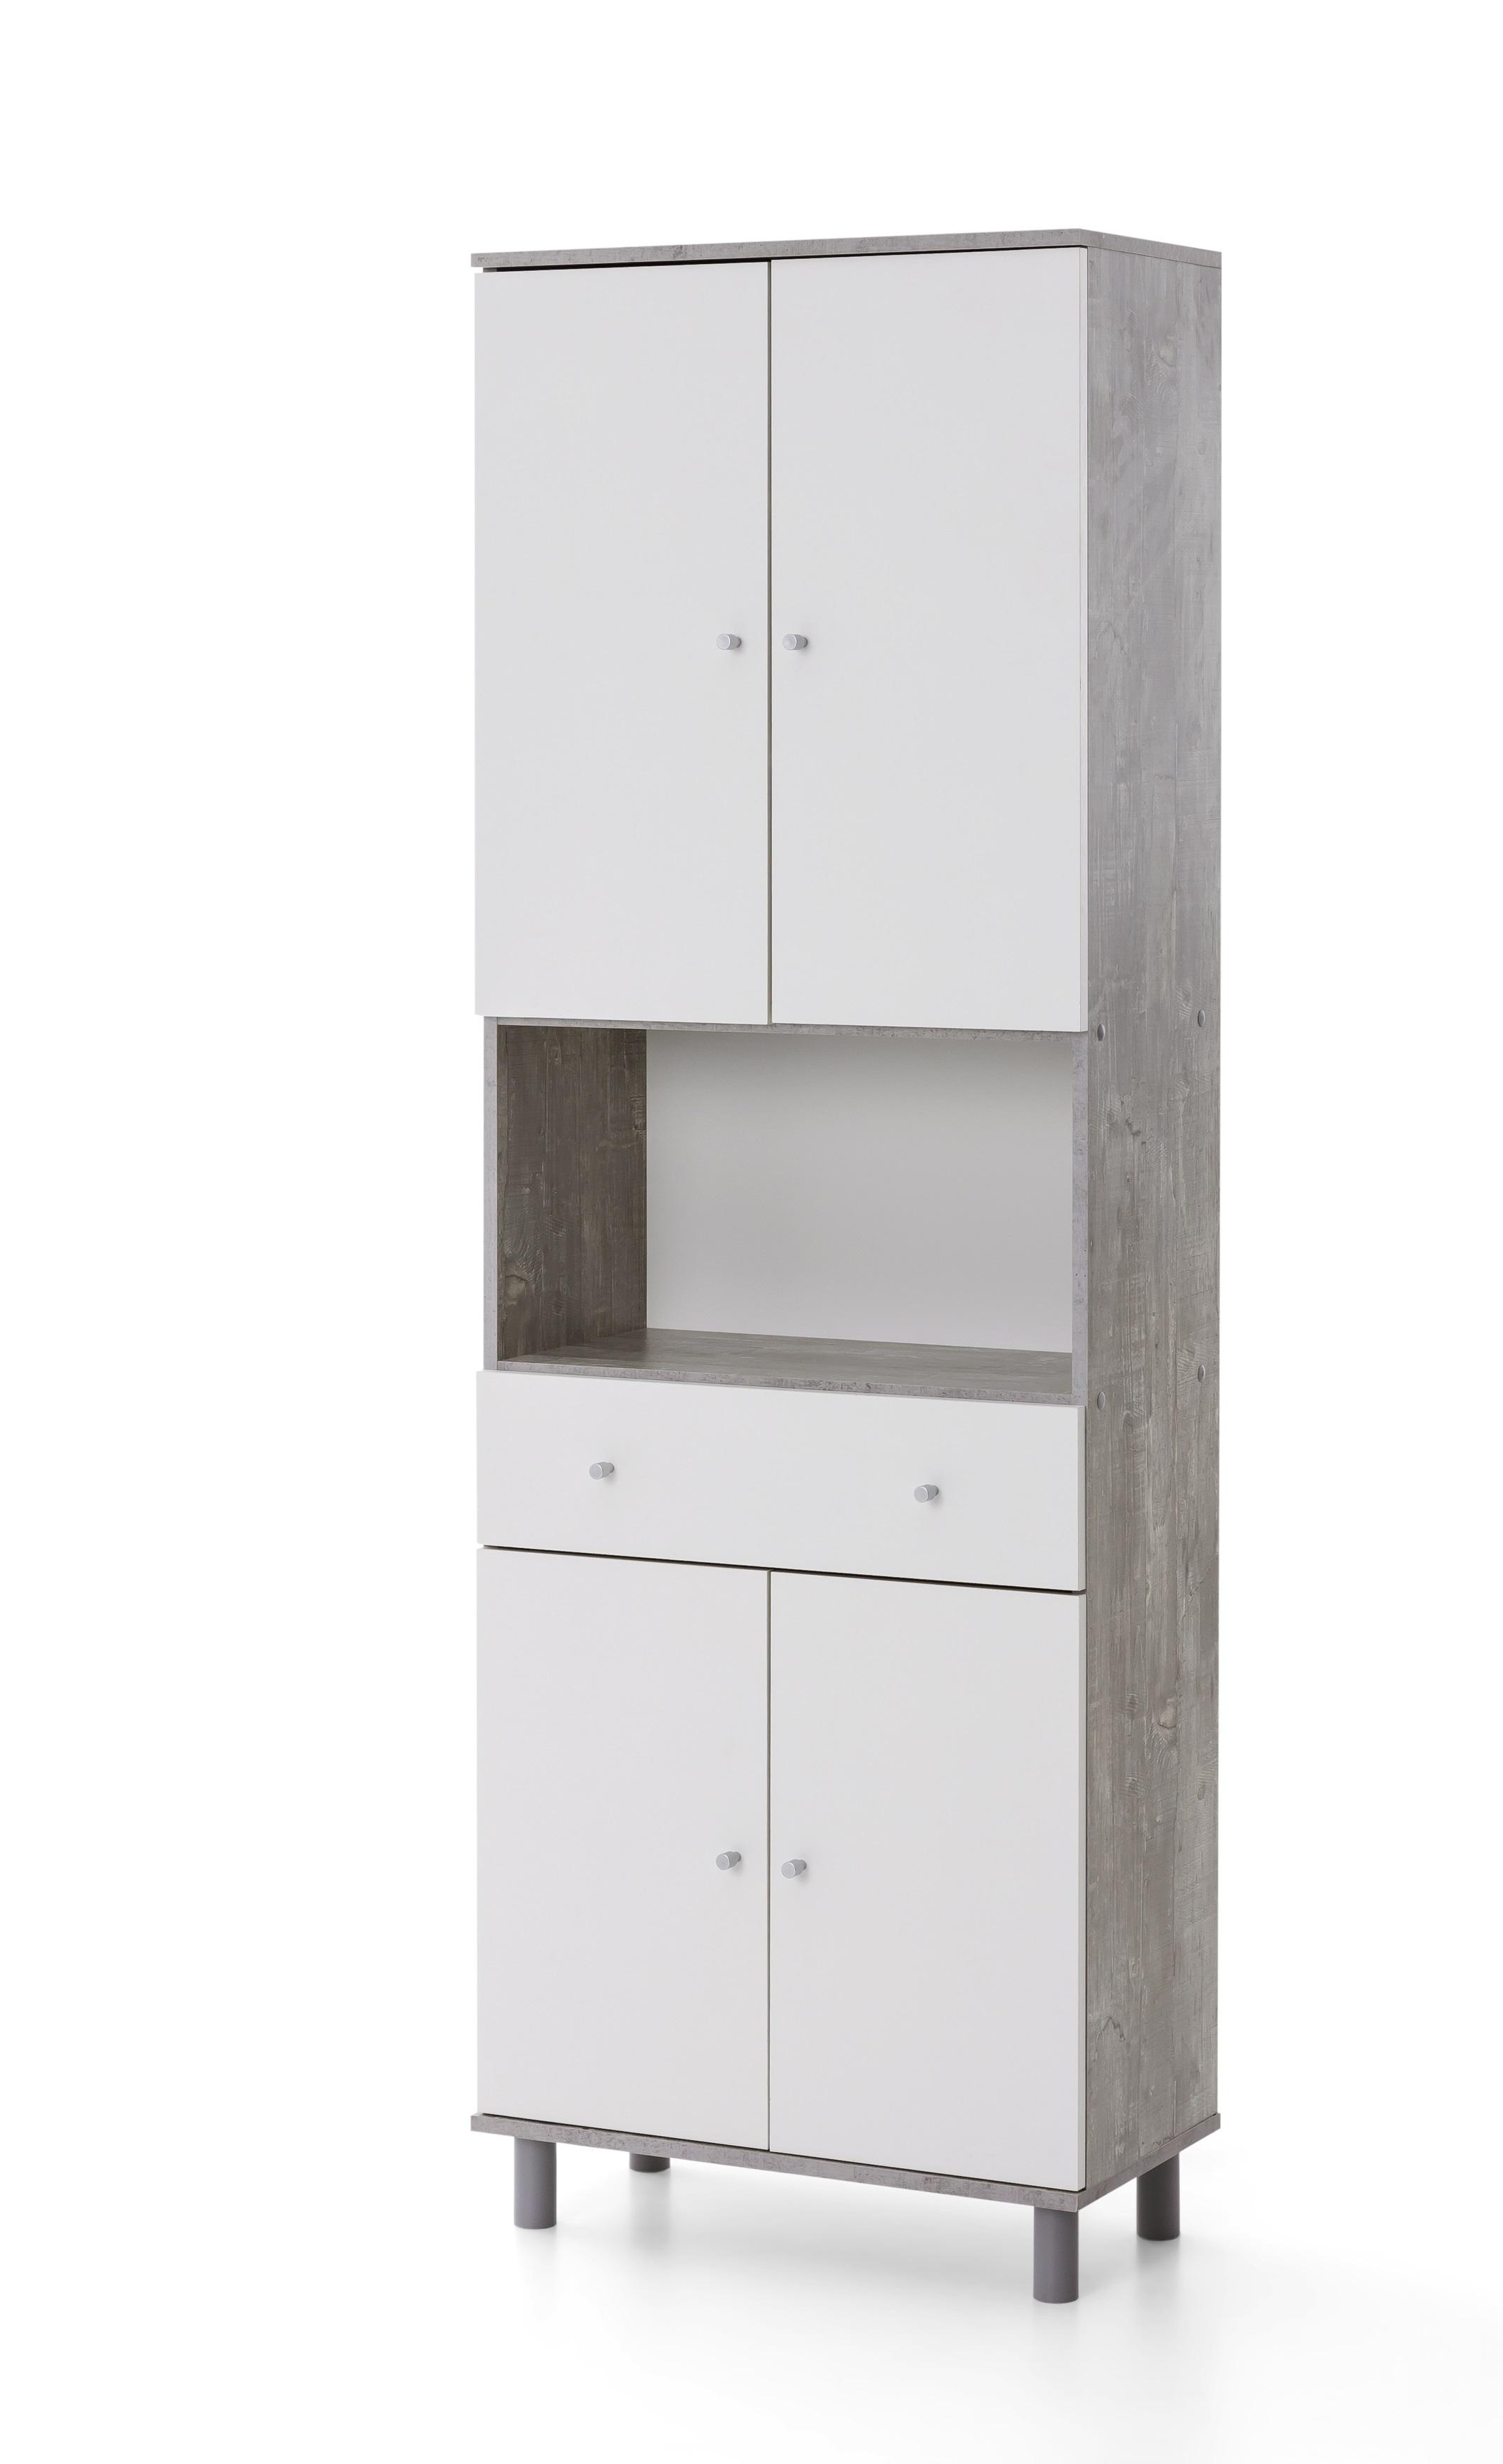 """Hochschrank """"Maja"""", beton/weiß, 17 x 17 x 17 cm, Wohnzimmerhochschrank,  Schrank, Wohnzimmer"""